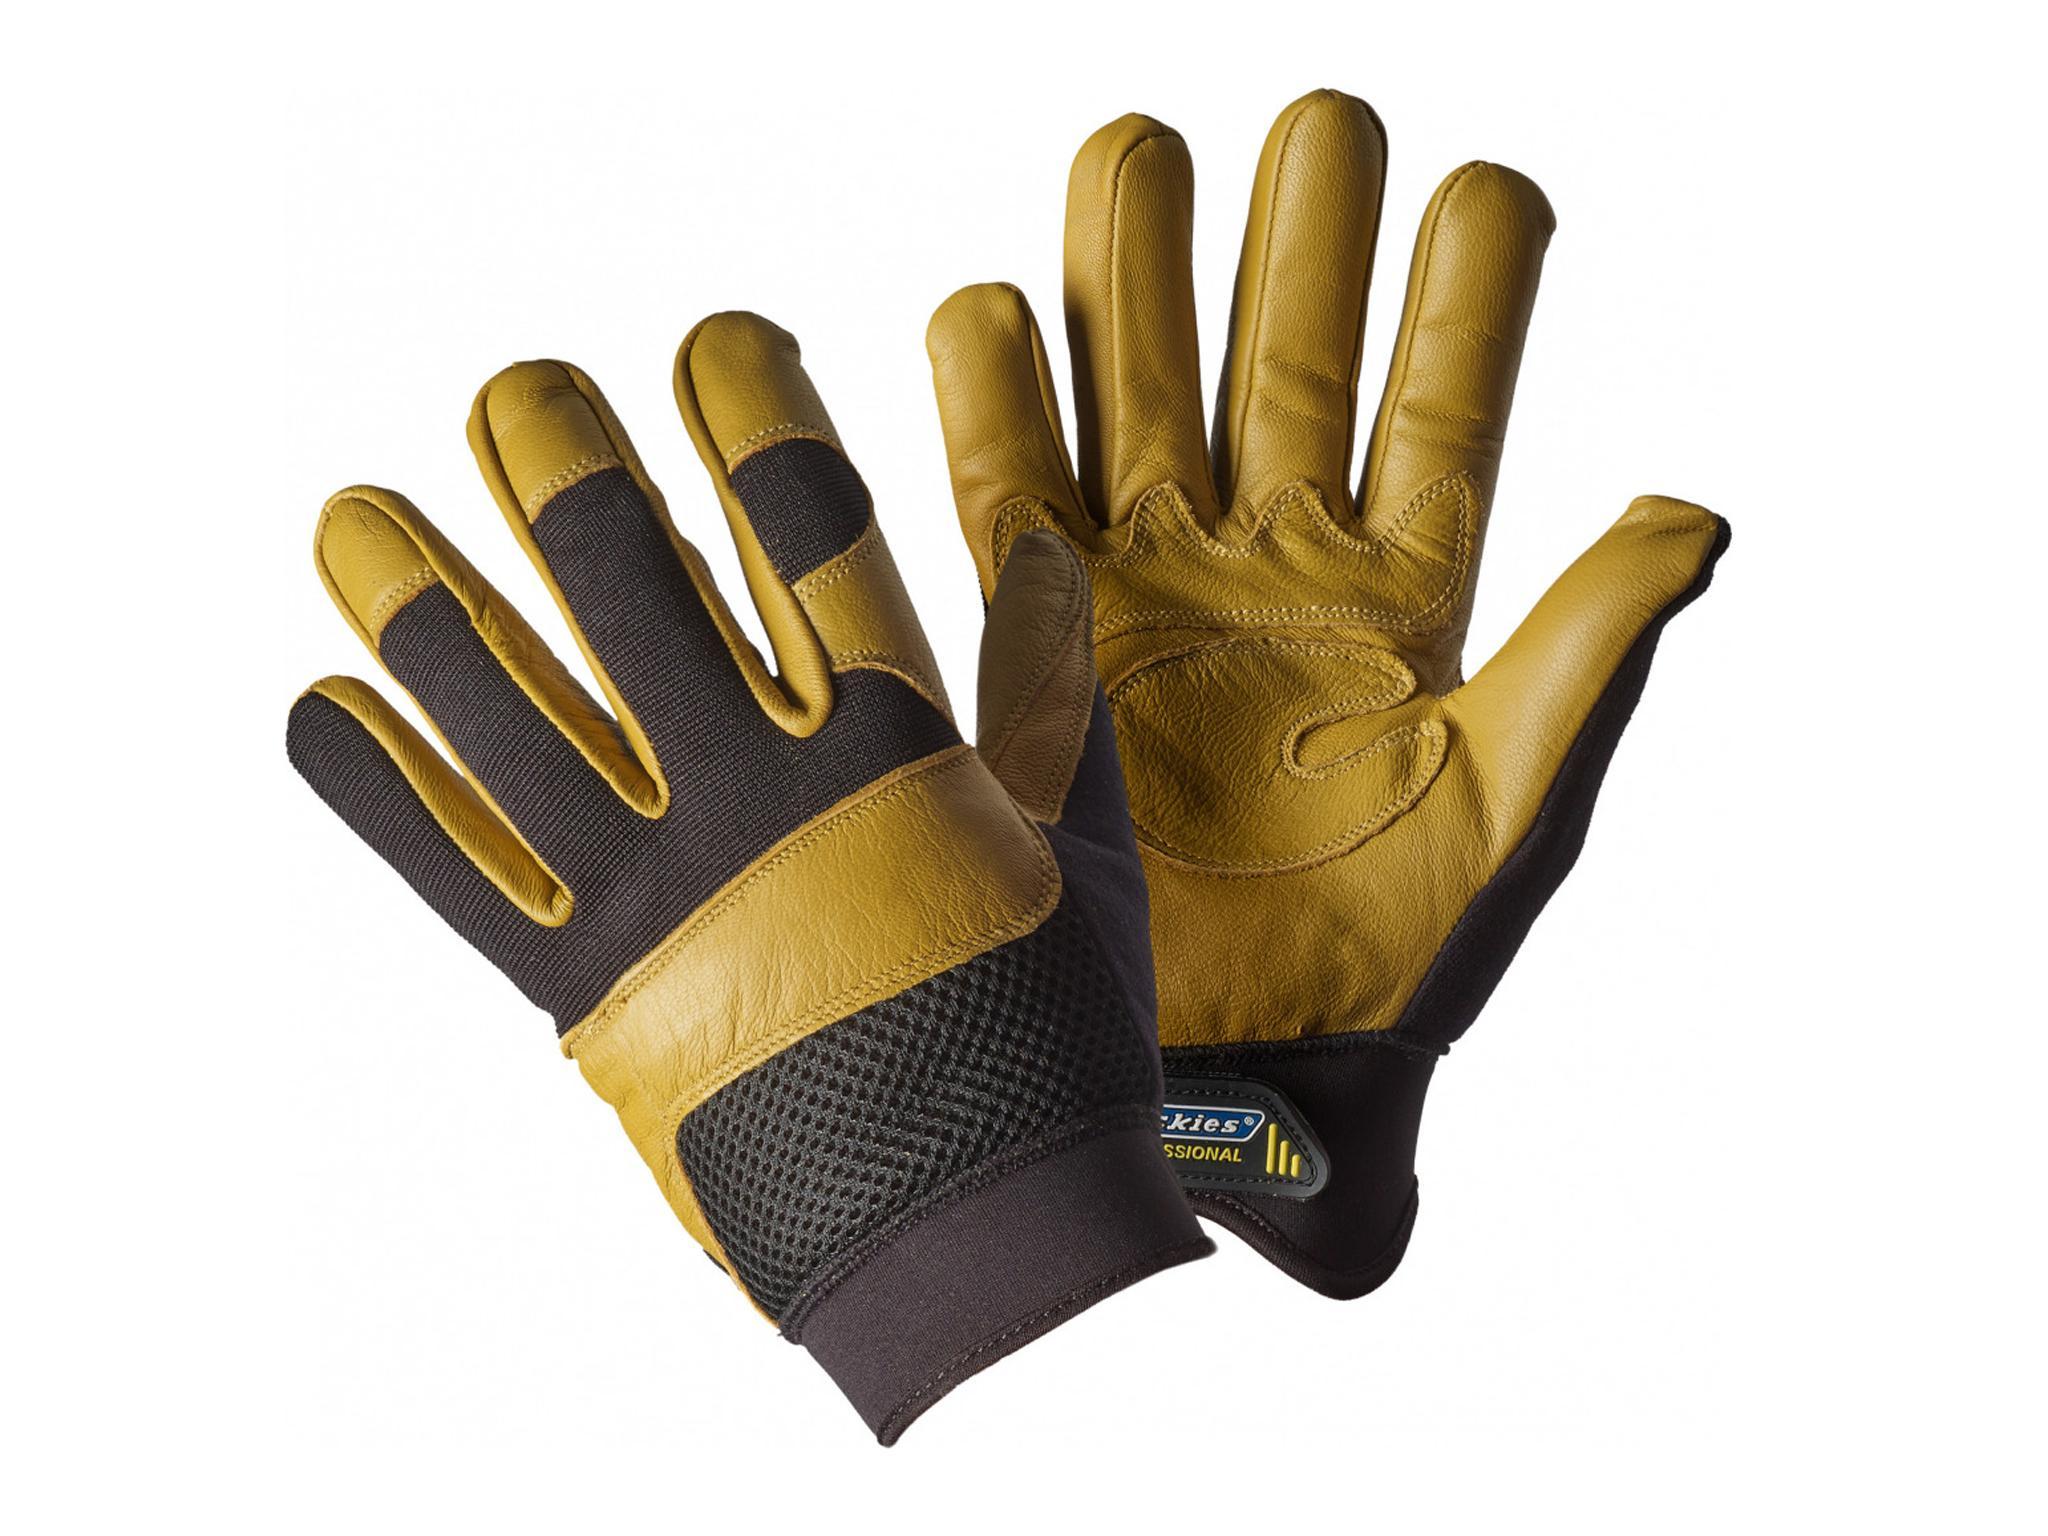 10 Best Gardening Gloves The Independent